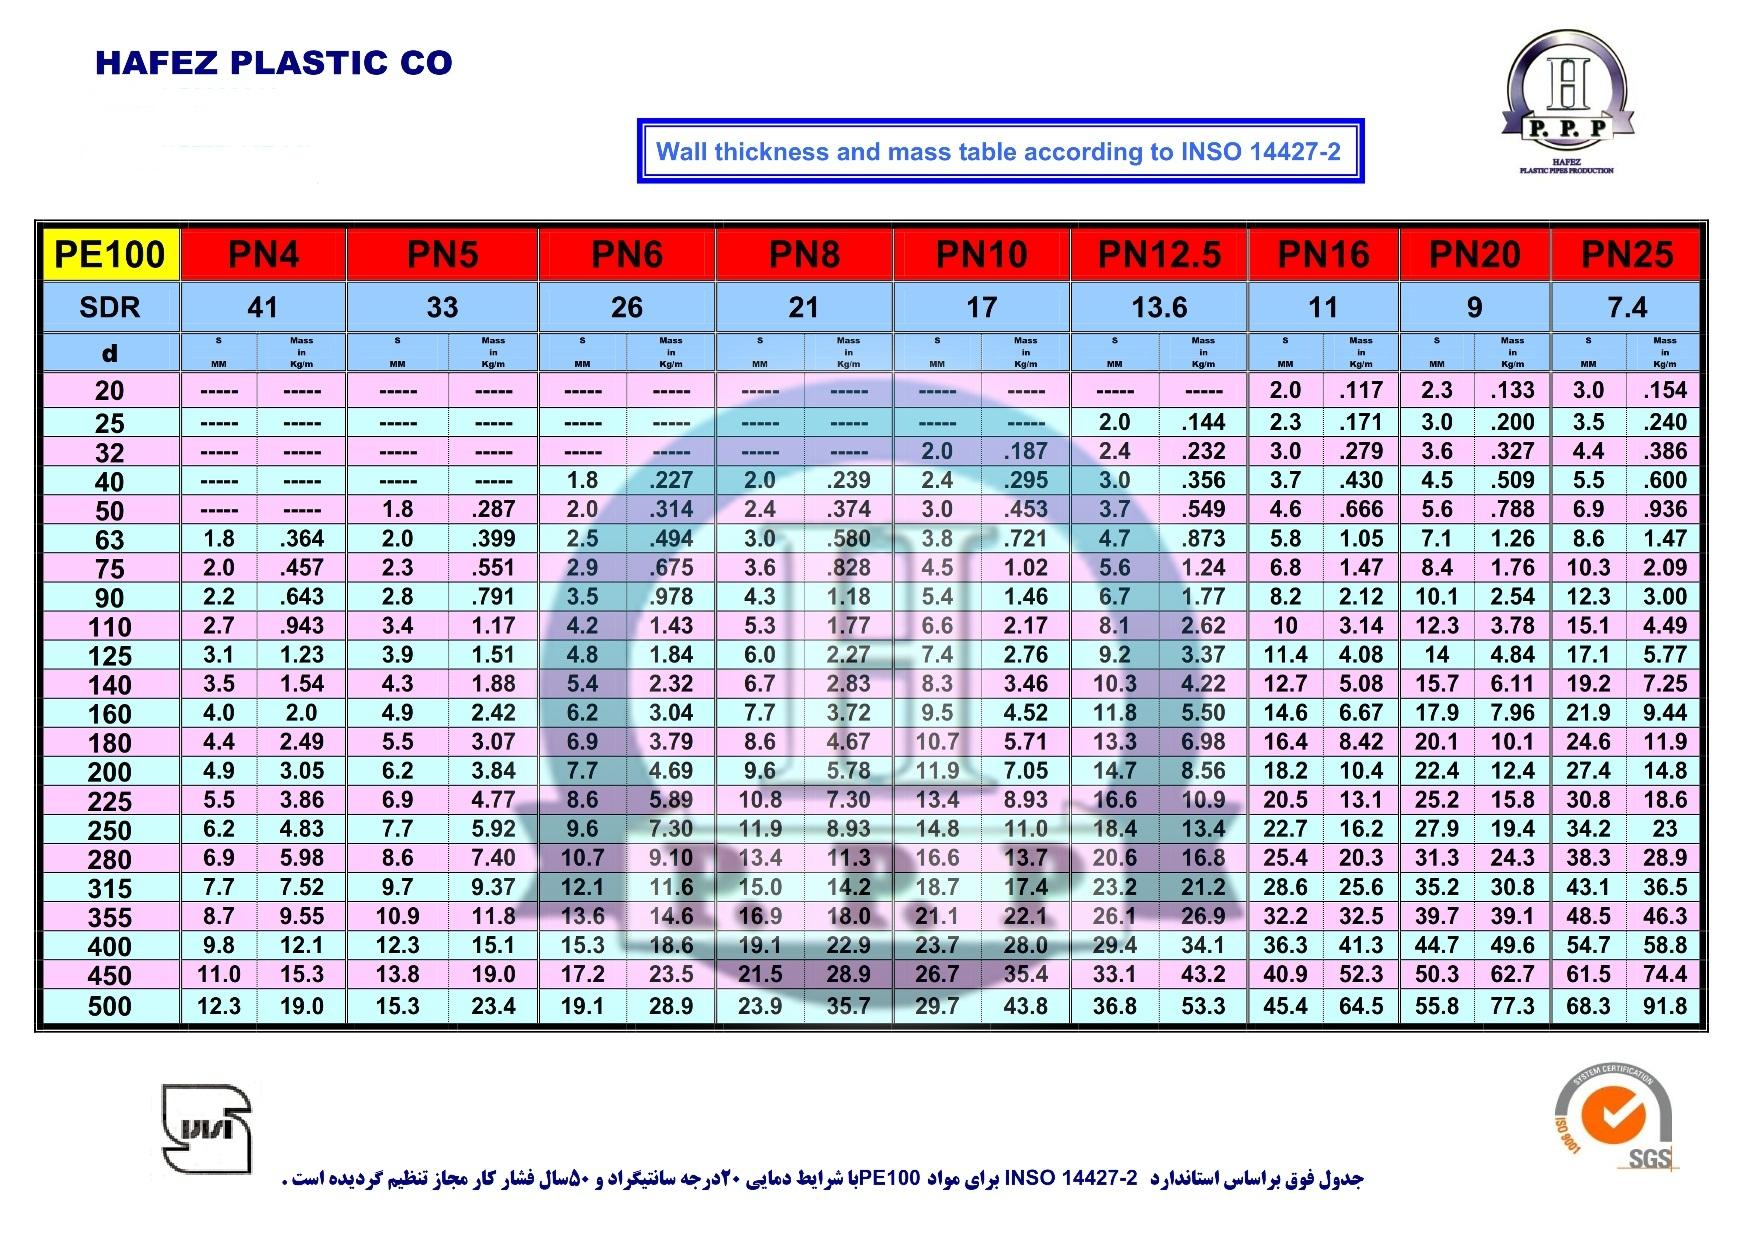 جدول لوله های پلی اتیلن حافظ پلاستیک pe100